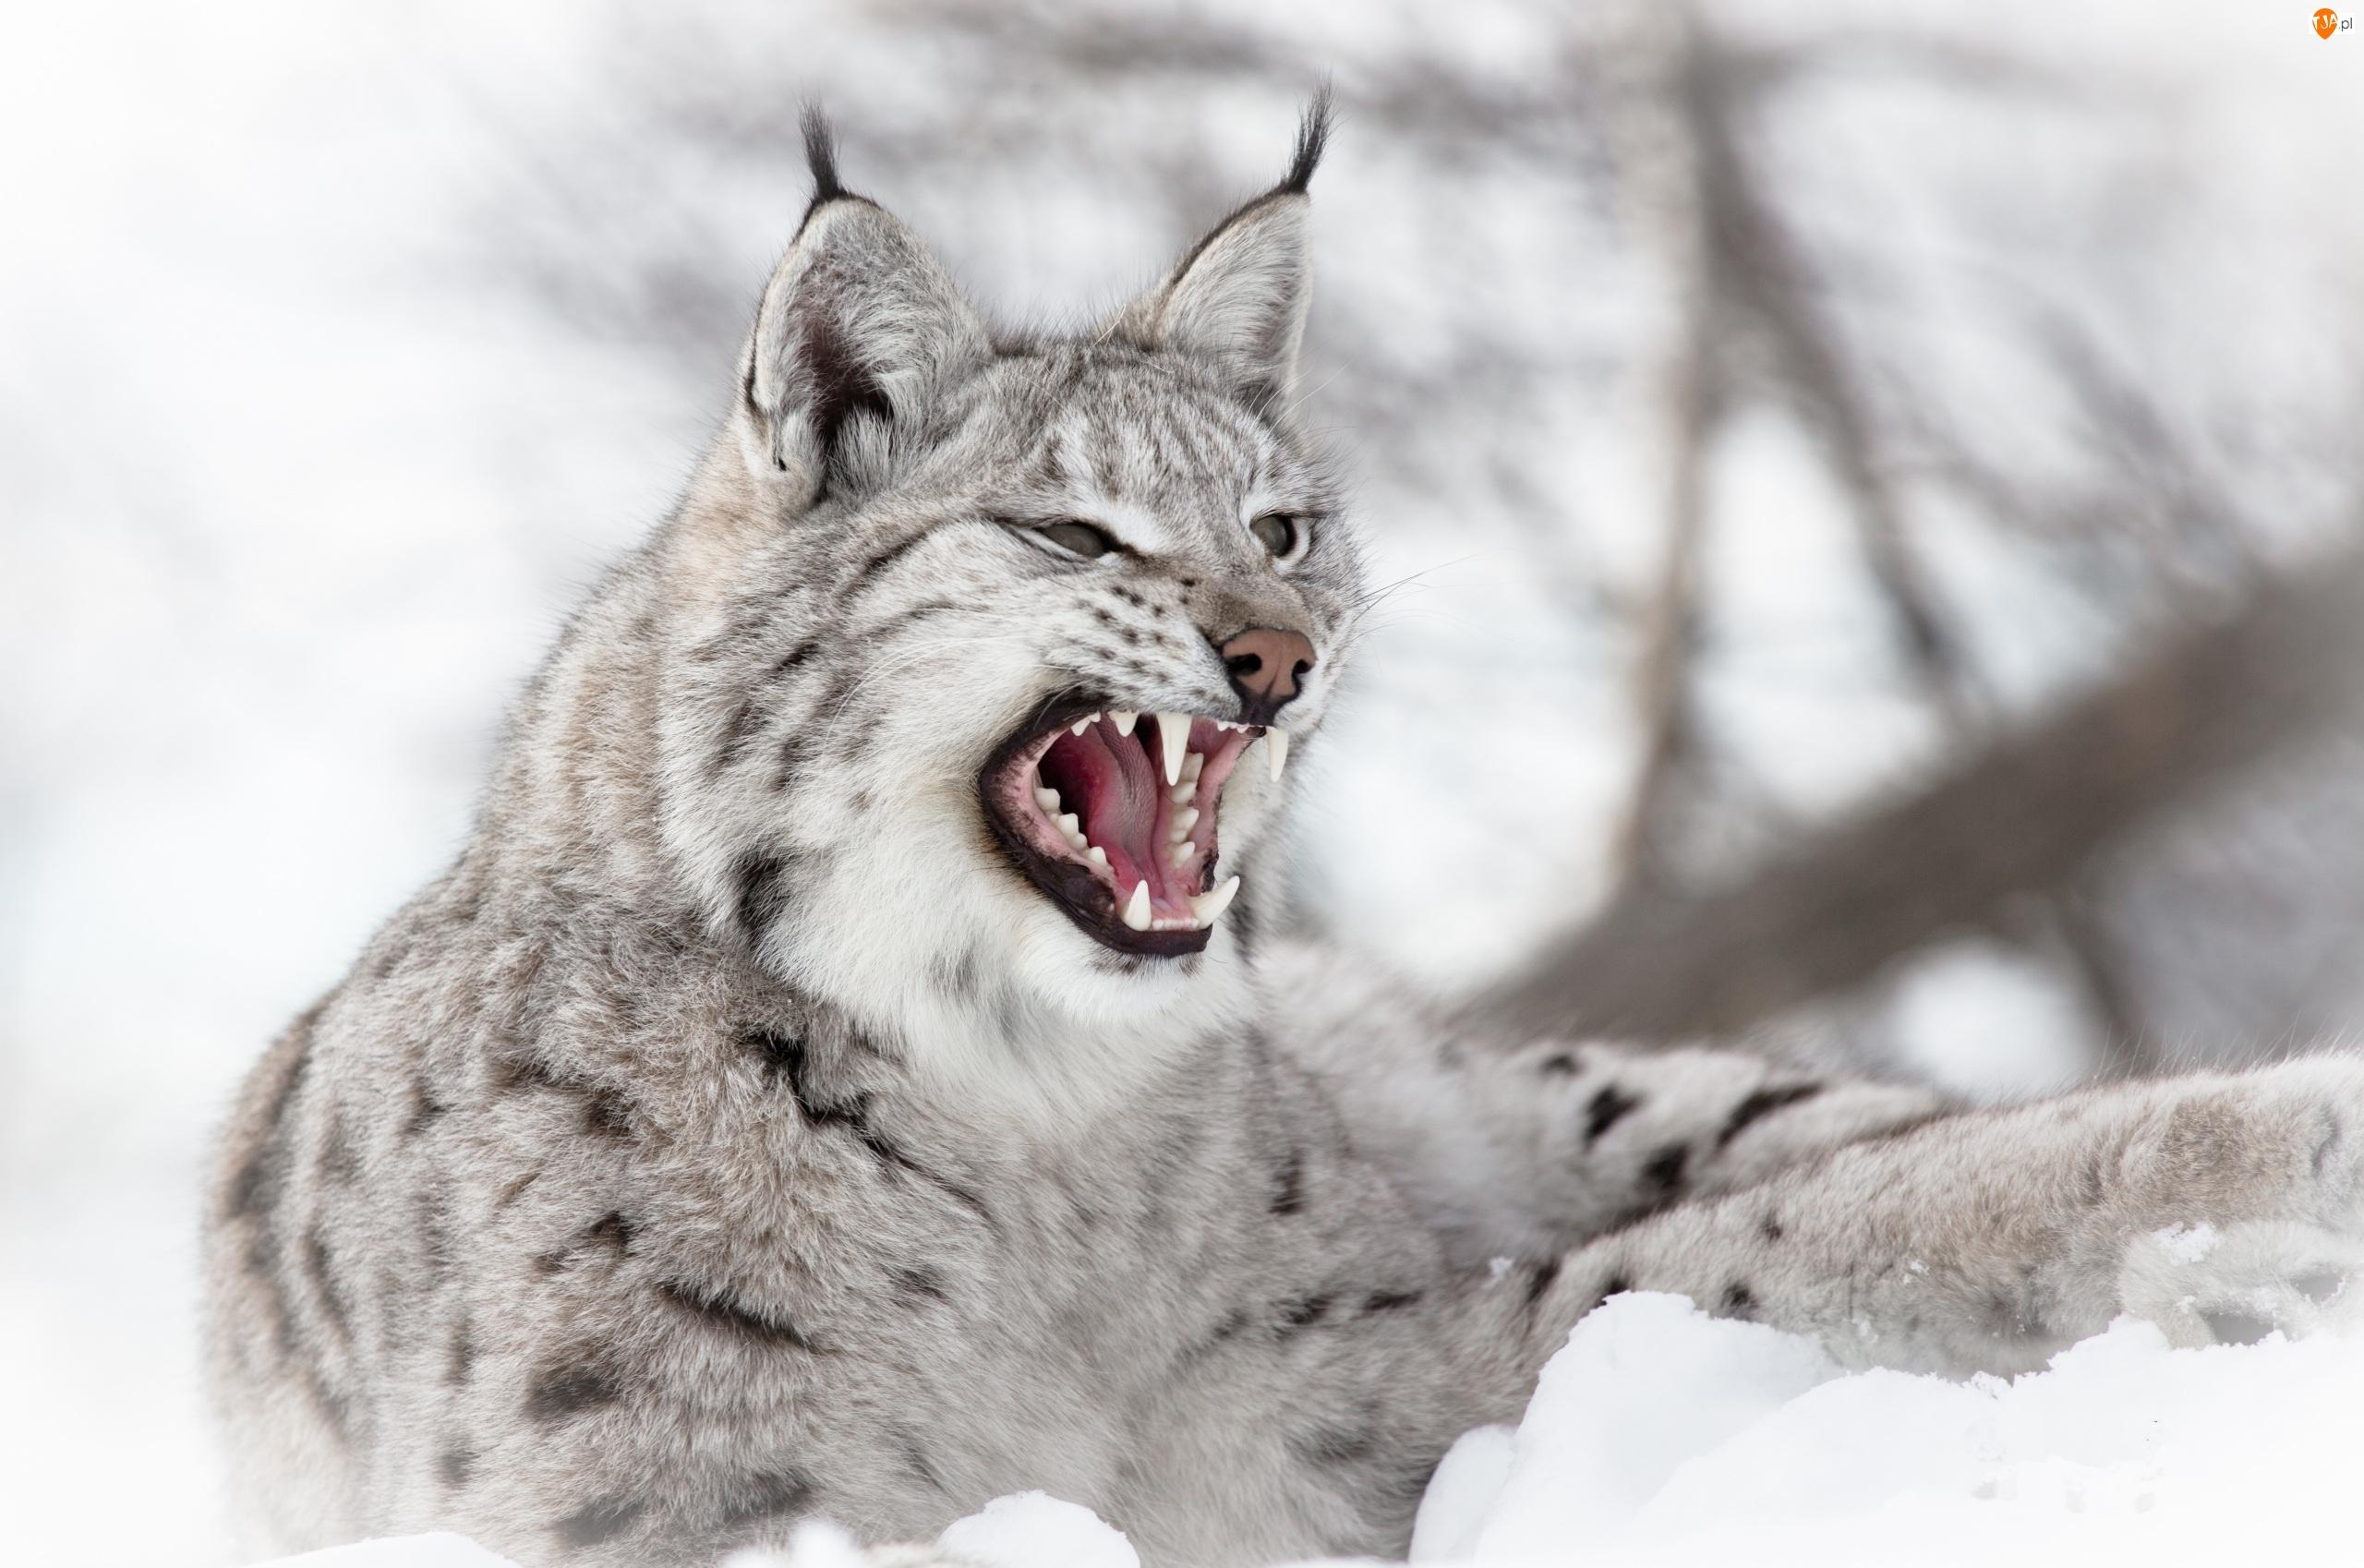 Śnieg, Wściekły, Ryś